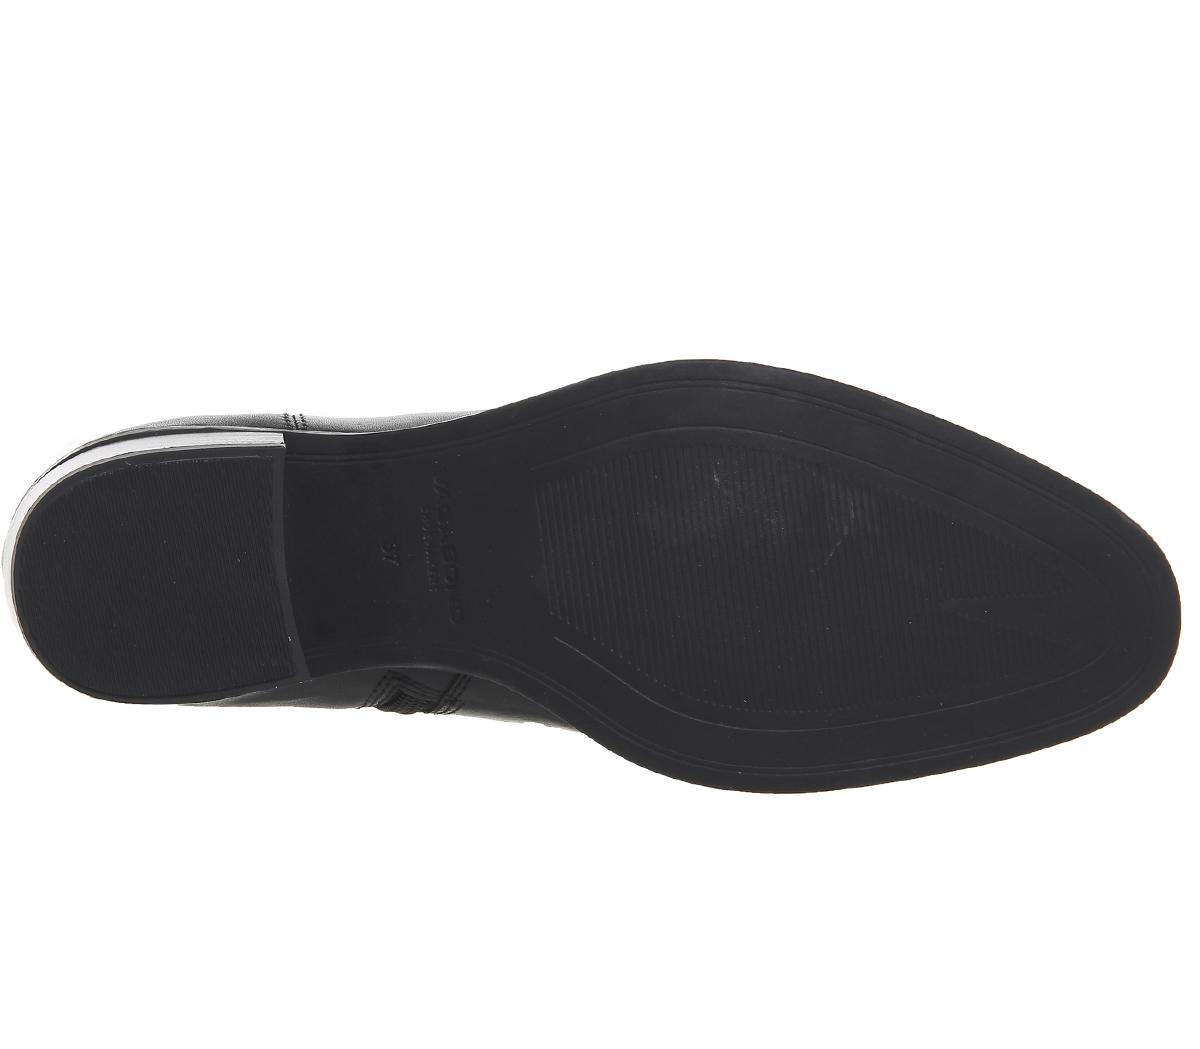 Nuevos Nuevos Nuevos zapatos para hombres y mujeres, descuento por tiempo limitado Botas Para Mujer Corte Alto Meja Vagabond Botas De Cuero Negro 632fbe